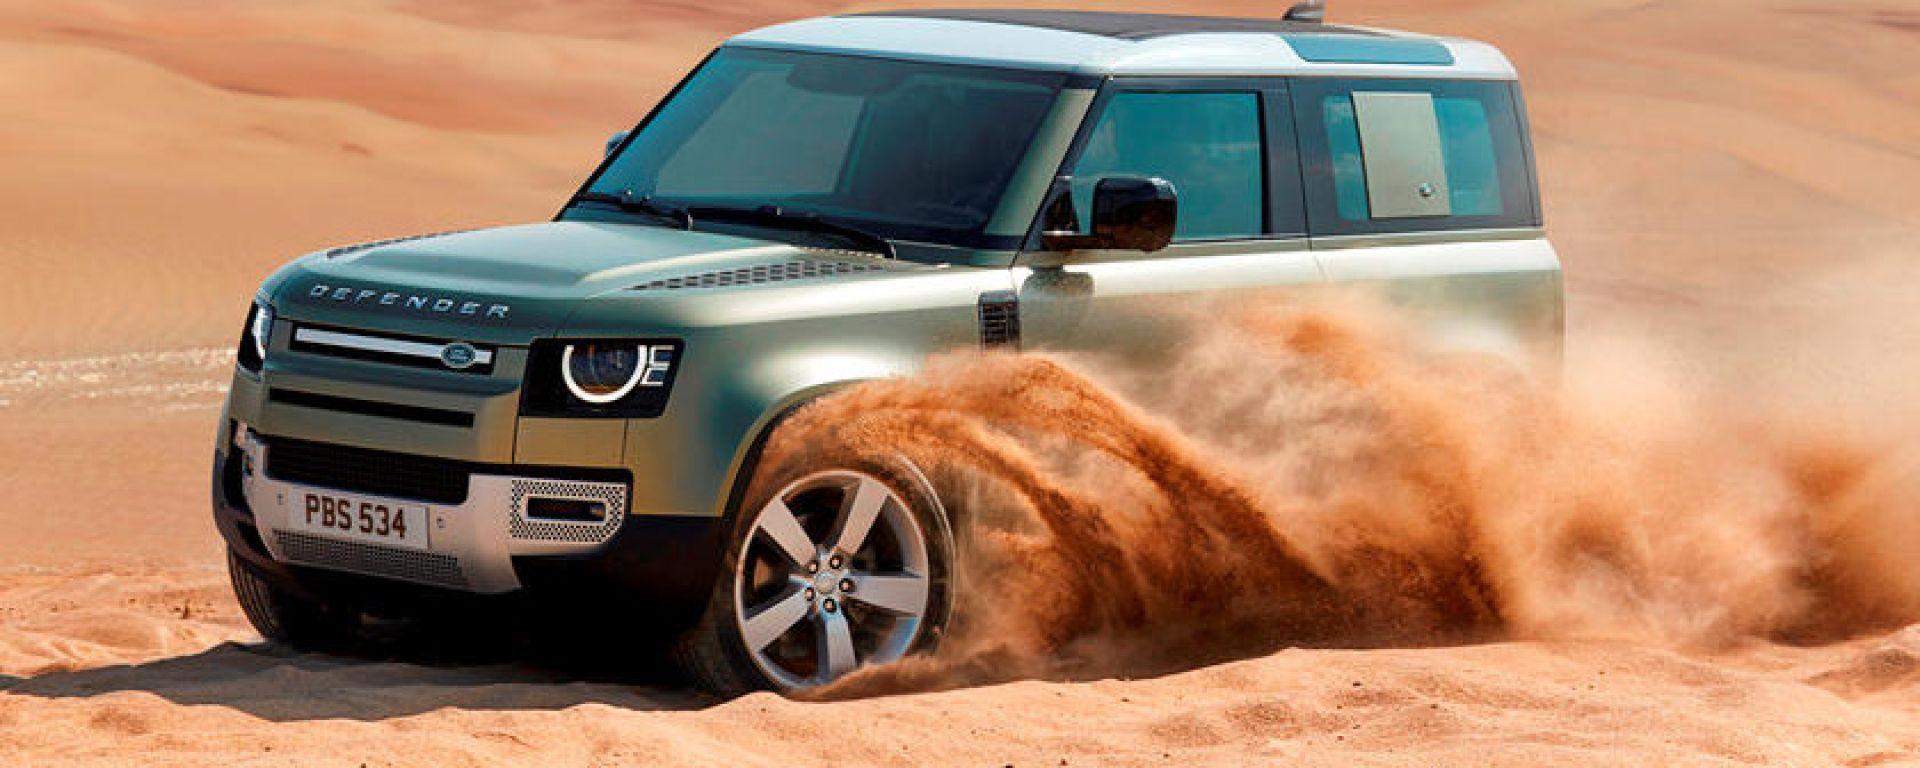 Land Rover Defender SVR: un allestimento sportivo per la fuoristrada inglese